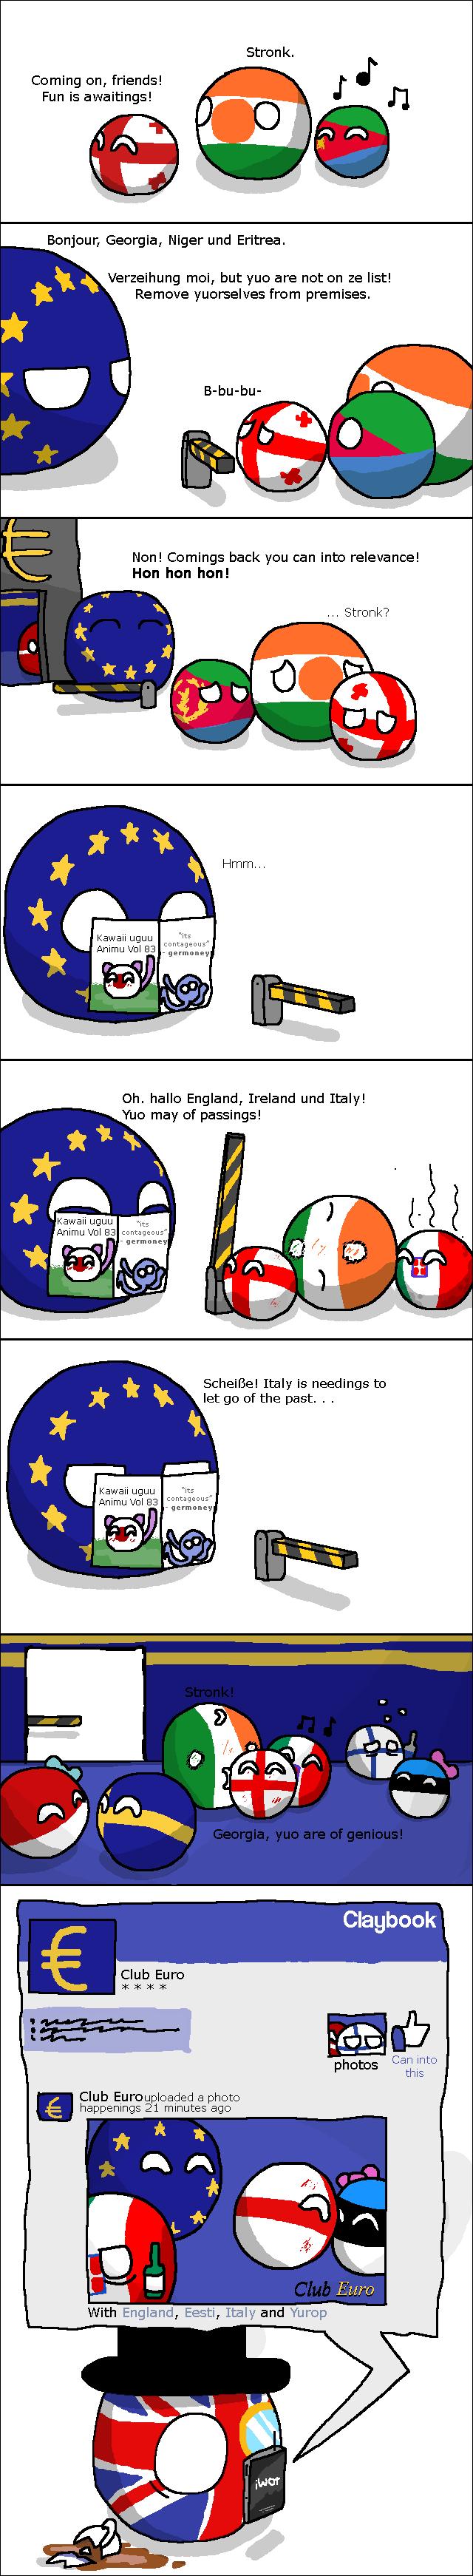 Club Euro